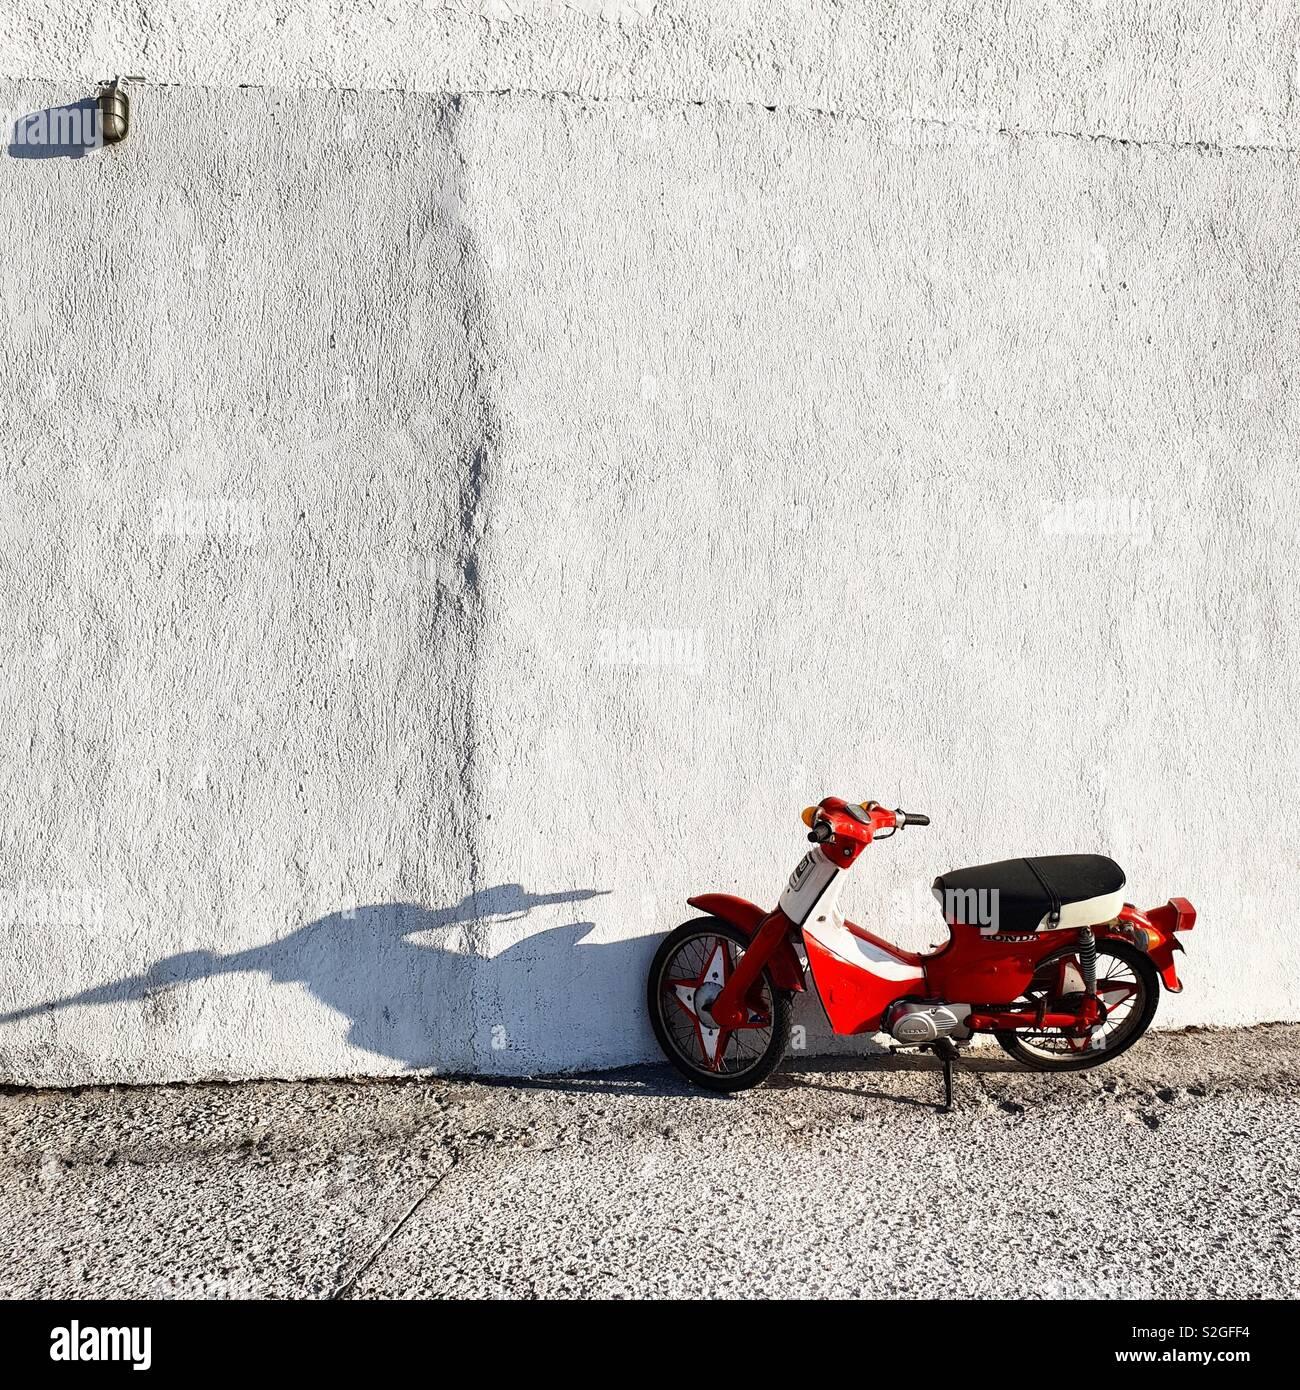 Scooter roja y blanca pared en Isla de Milos, Grecia Foto de stock